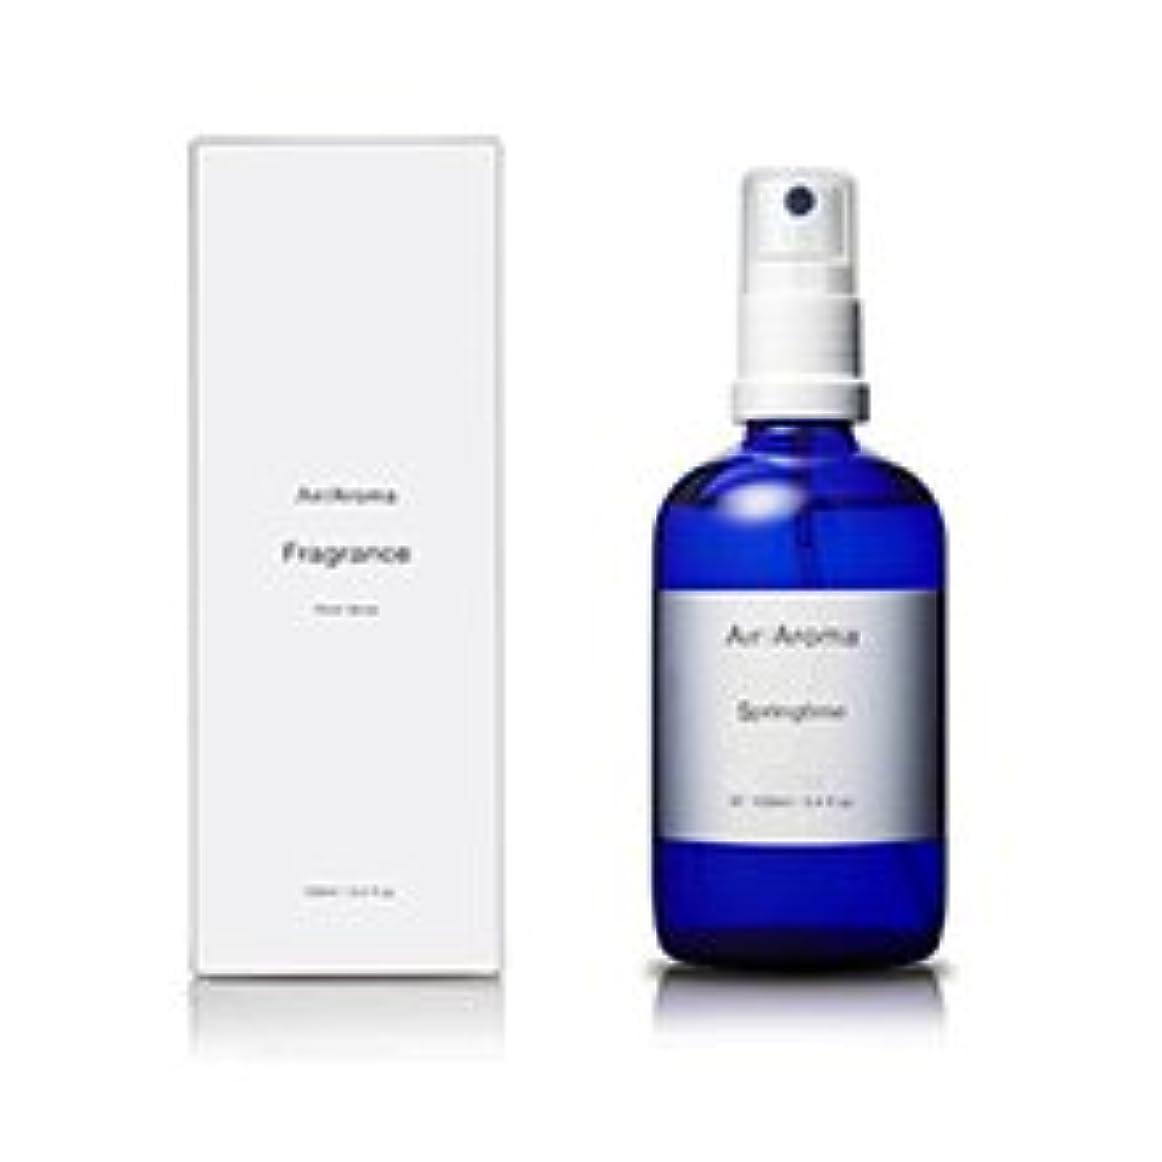 すごい腐った誇張するエアアロマ springtime room fragrance(スプリングタイム ルームフレグランス)100ml